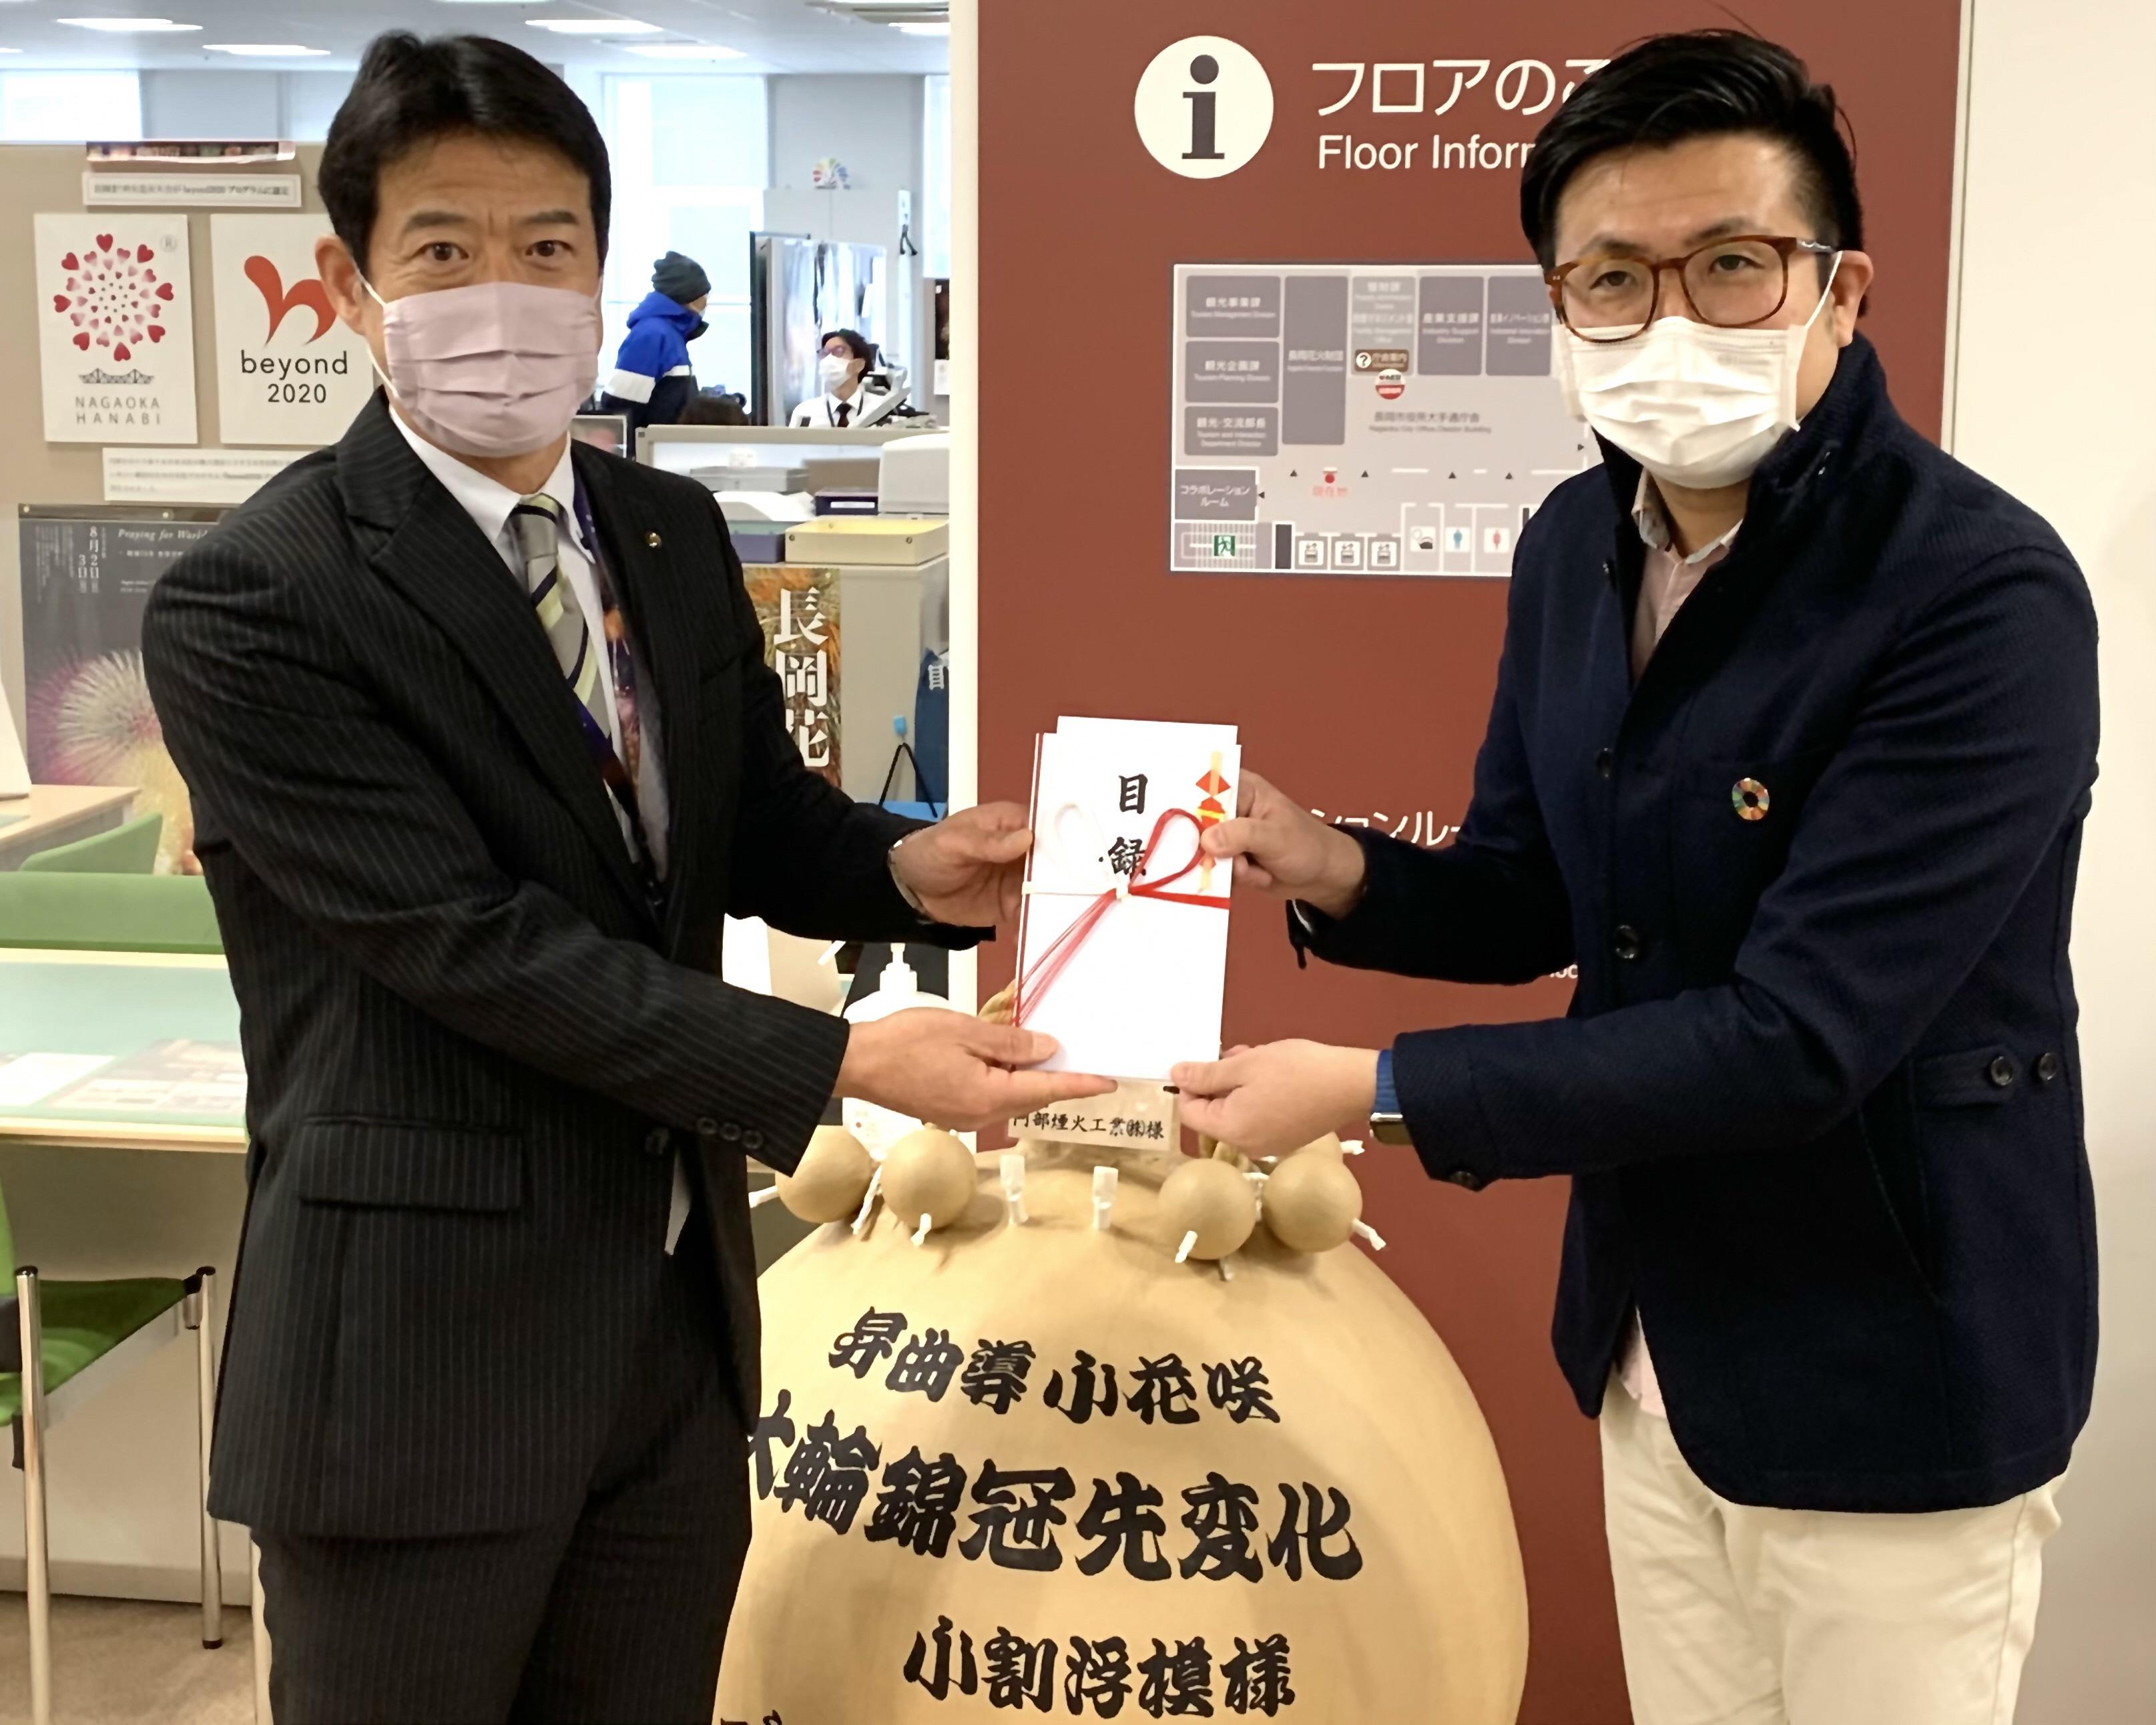 長岡花火ニュース 長岡花火オリジナルコーヒーの売上の一部を寄付